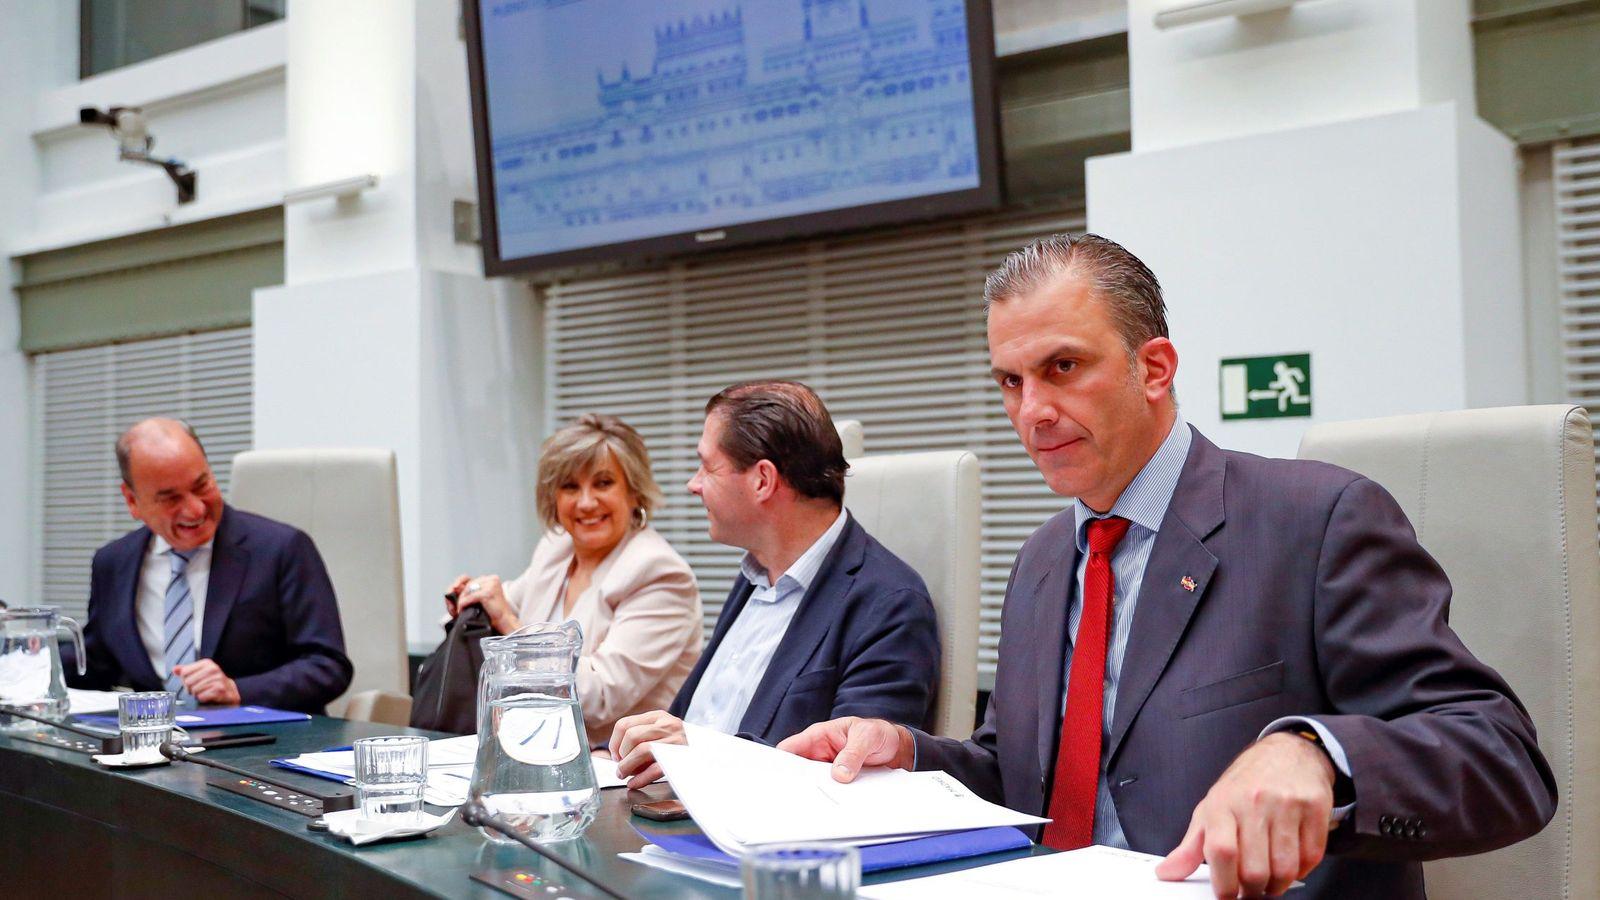 Foto: El secretario general de Vox, Javier Ortega Smith, en una sesión en el ayuntamiento de Madrid. (EFE)